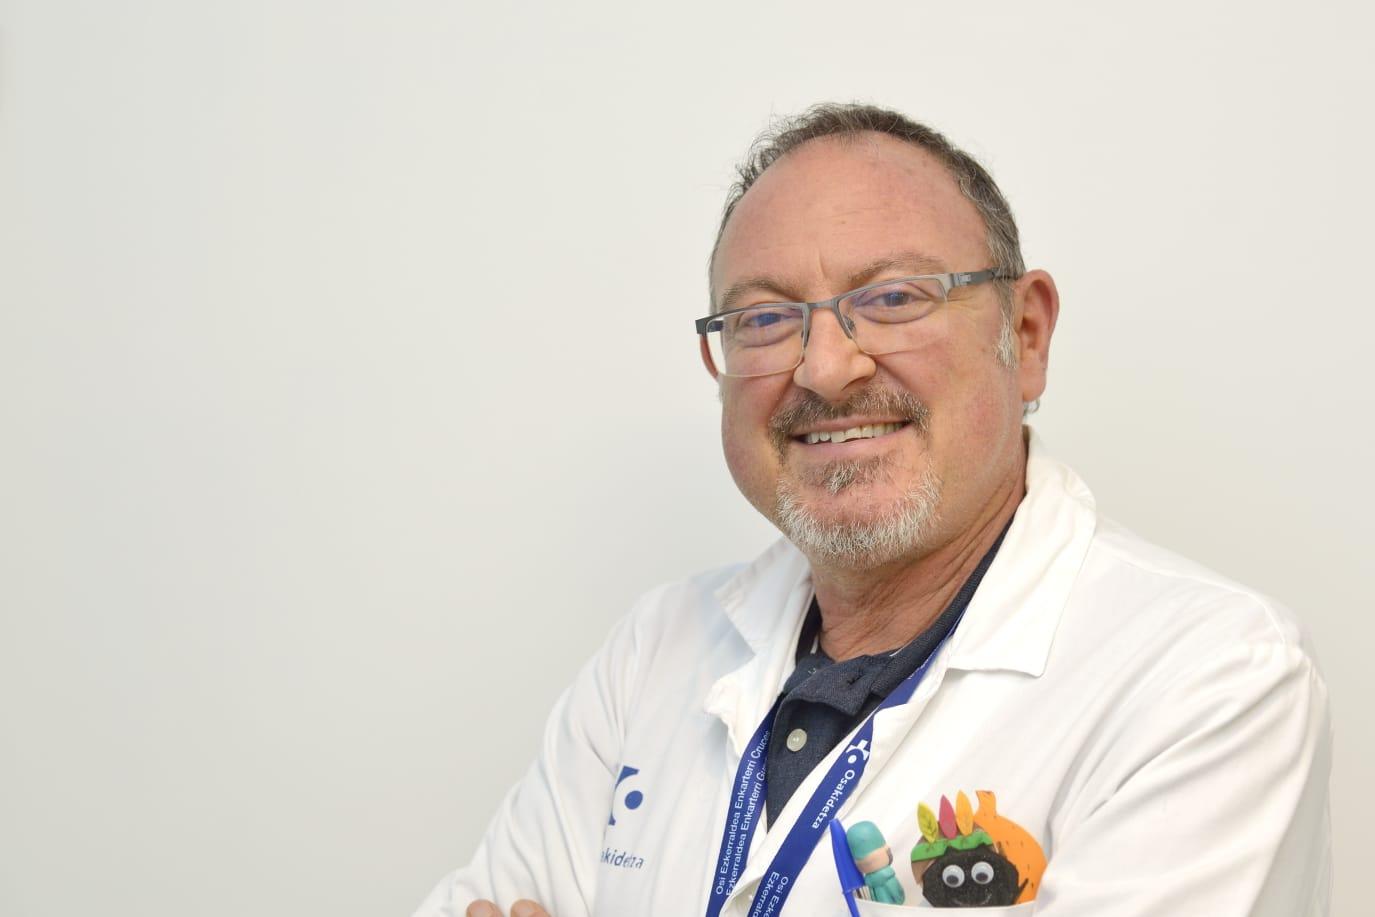 El doctor Jesús Sánchez Etxaniz, responsable de cuidados paliativos pediátricos del Hospital de Cruces.